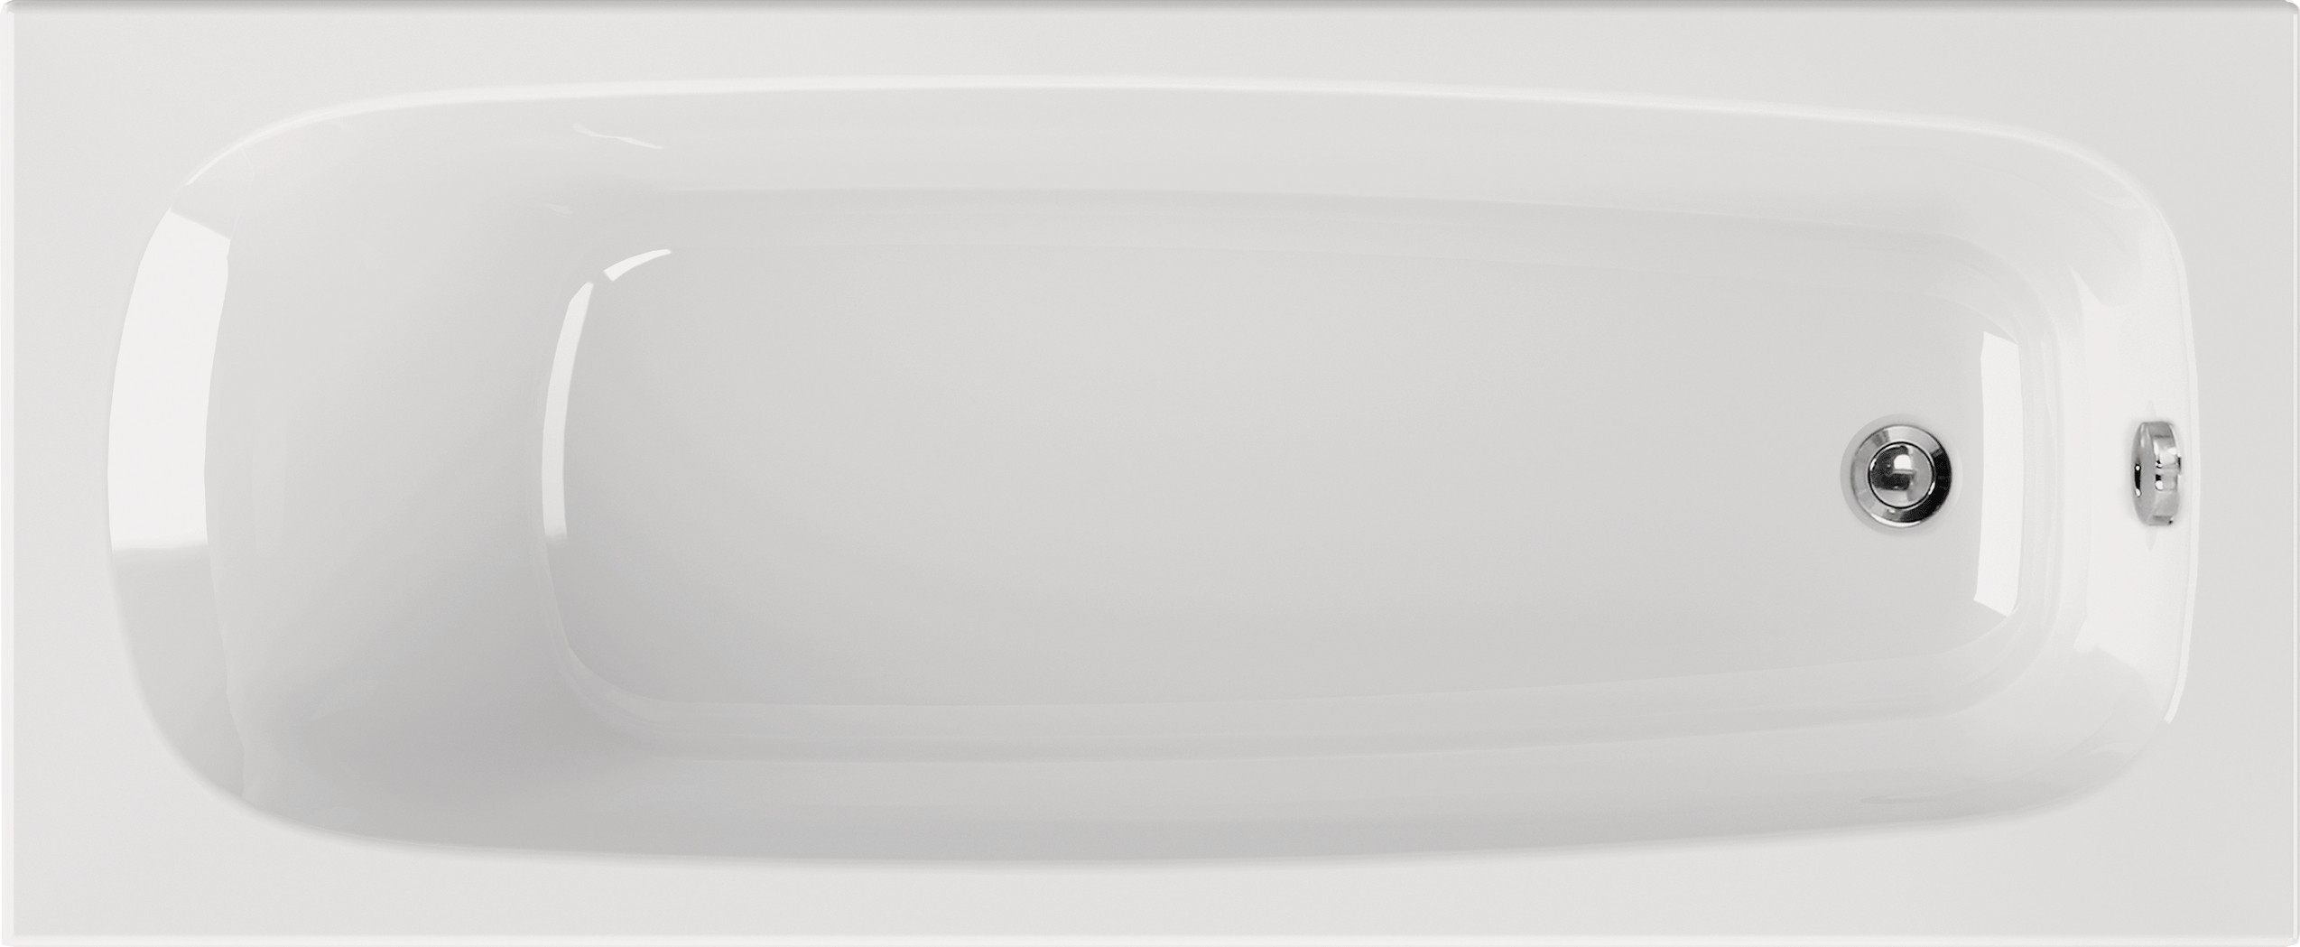 Rechteck Badewanne 170 x 75 cm Körperformwanne mit Wannenträger